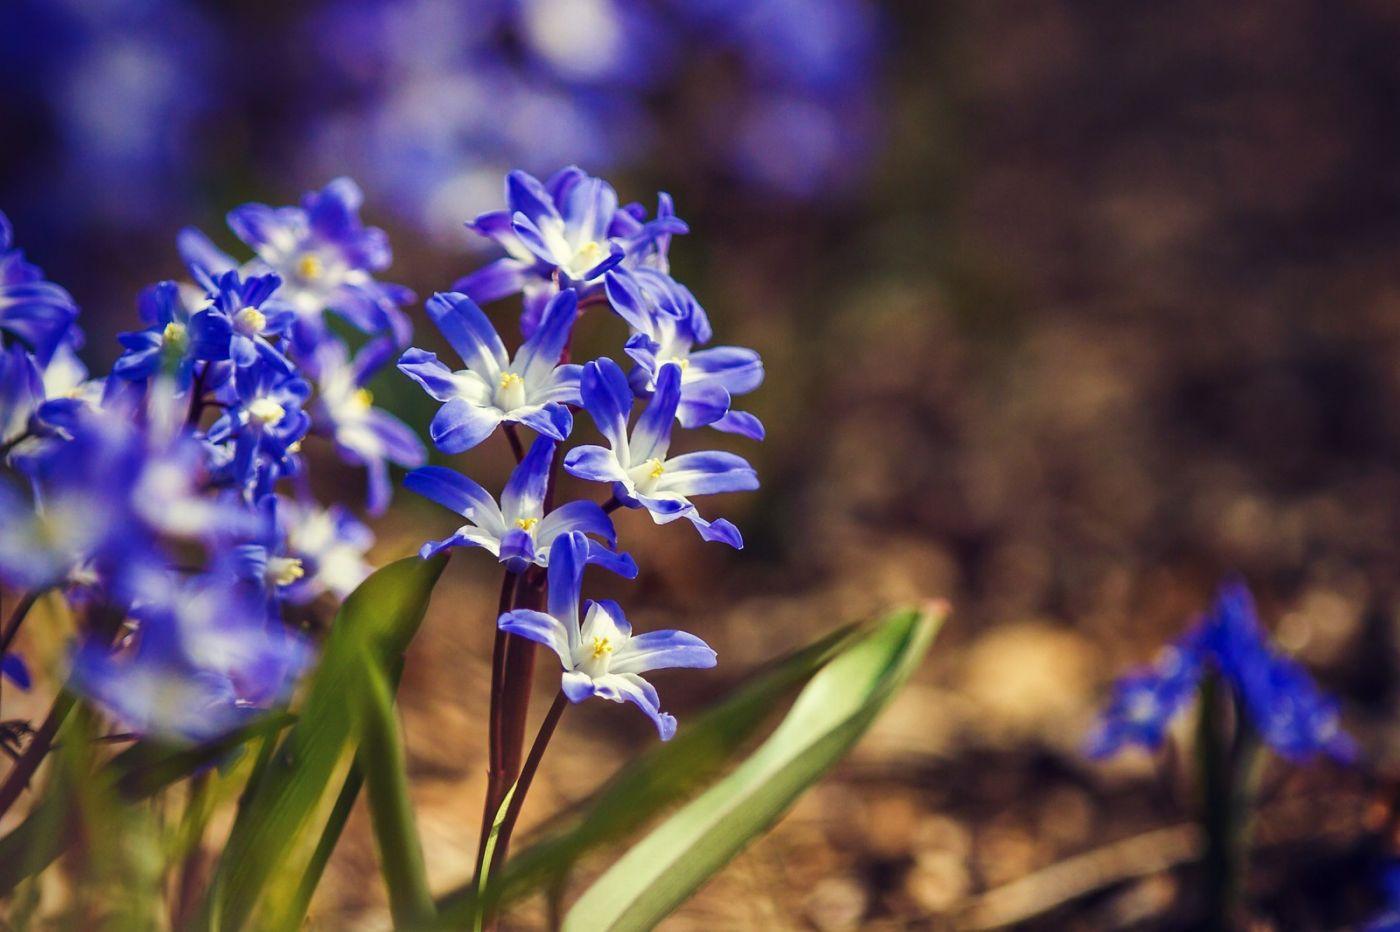 初春的脚步_图1-27